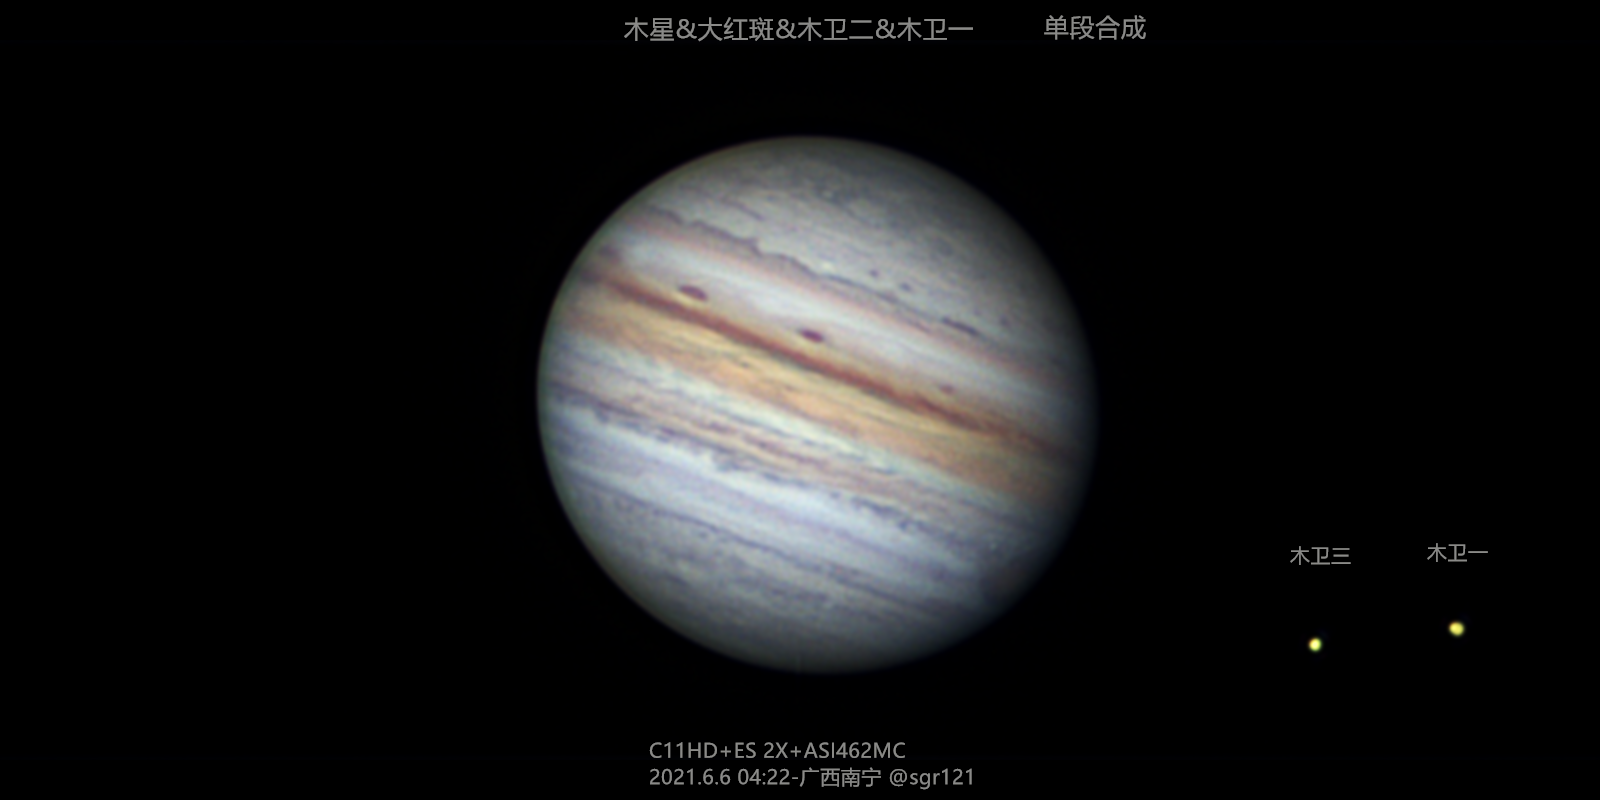 2021-06-05-2022_0-Jupiter_pipp_lapl4_ap30_Drizzle15-白平衡-ps_副本.png